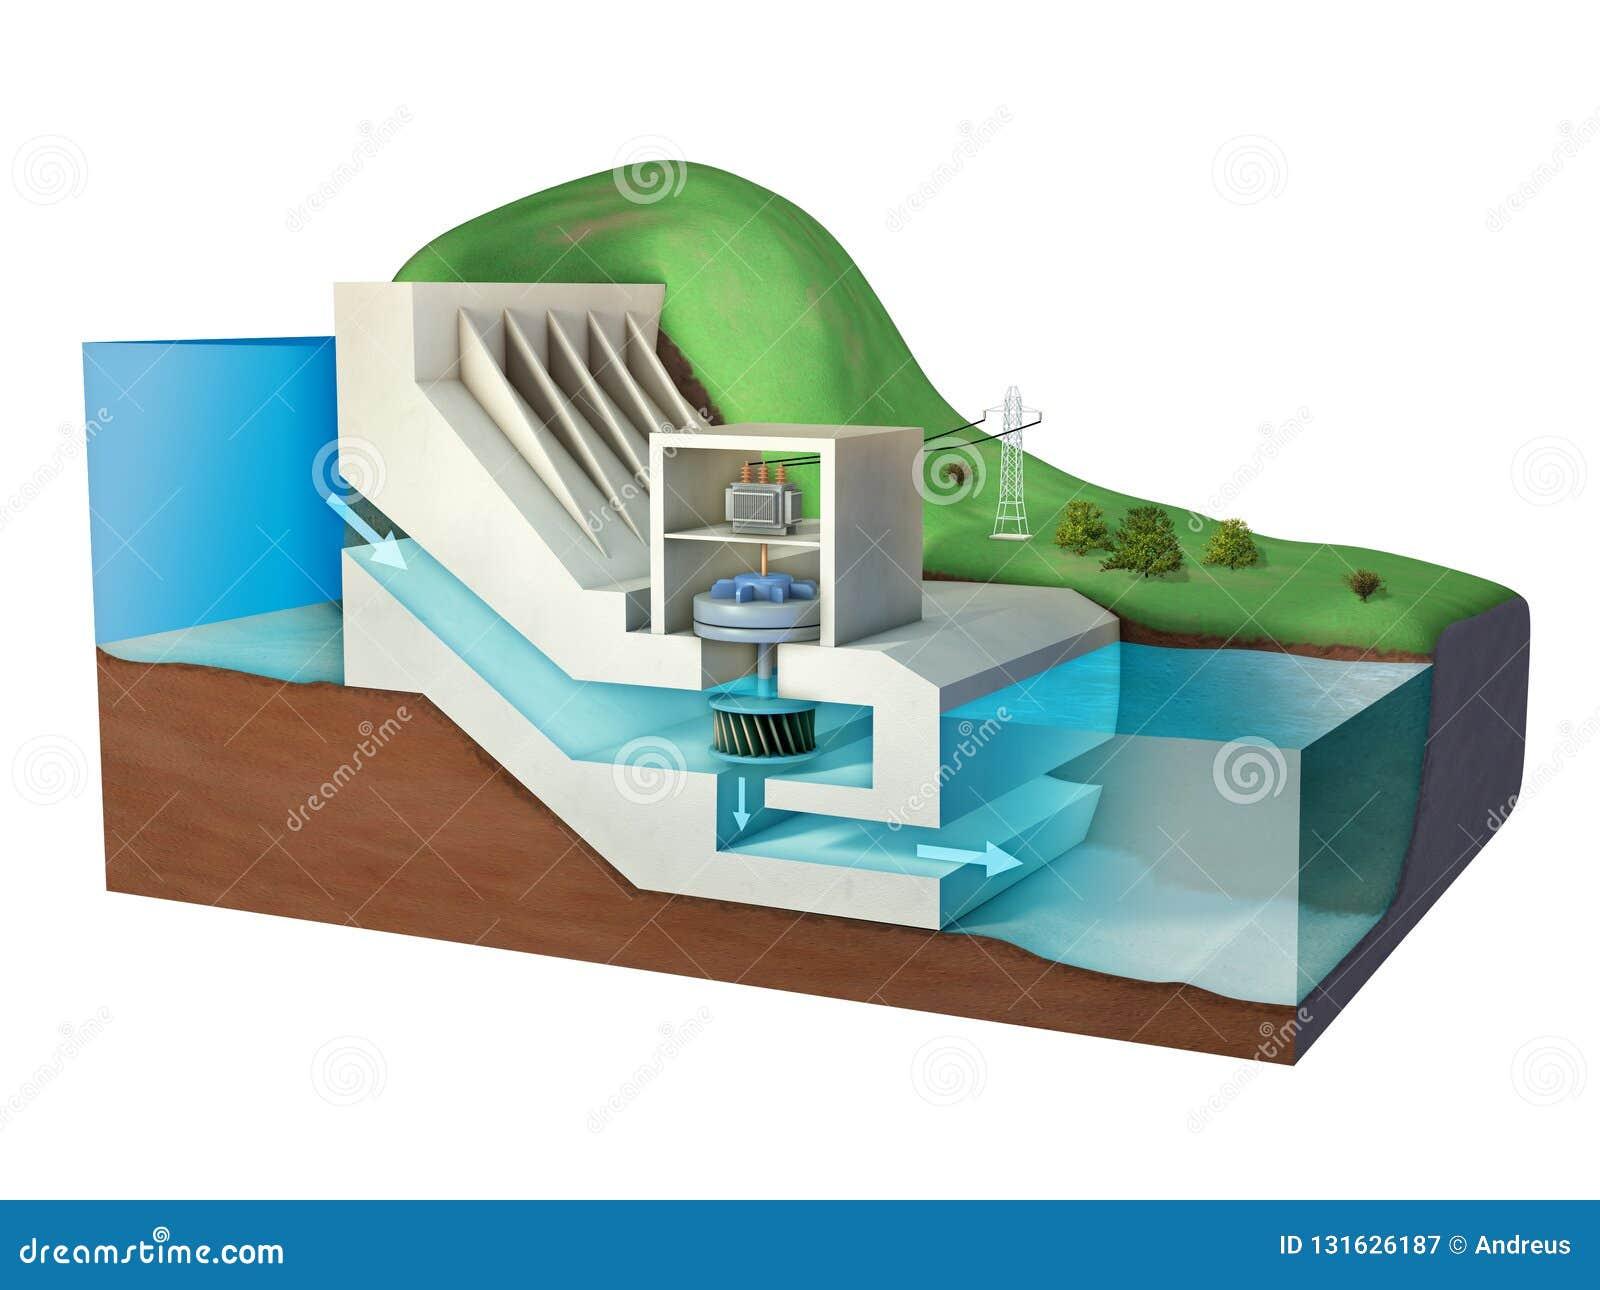 Diagrama de la central hidroeléctrico